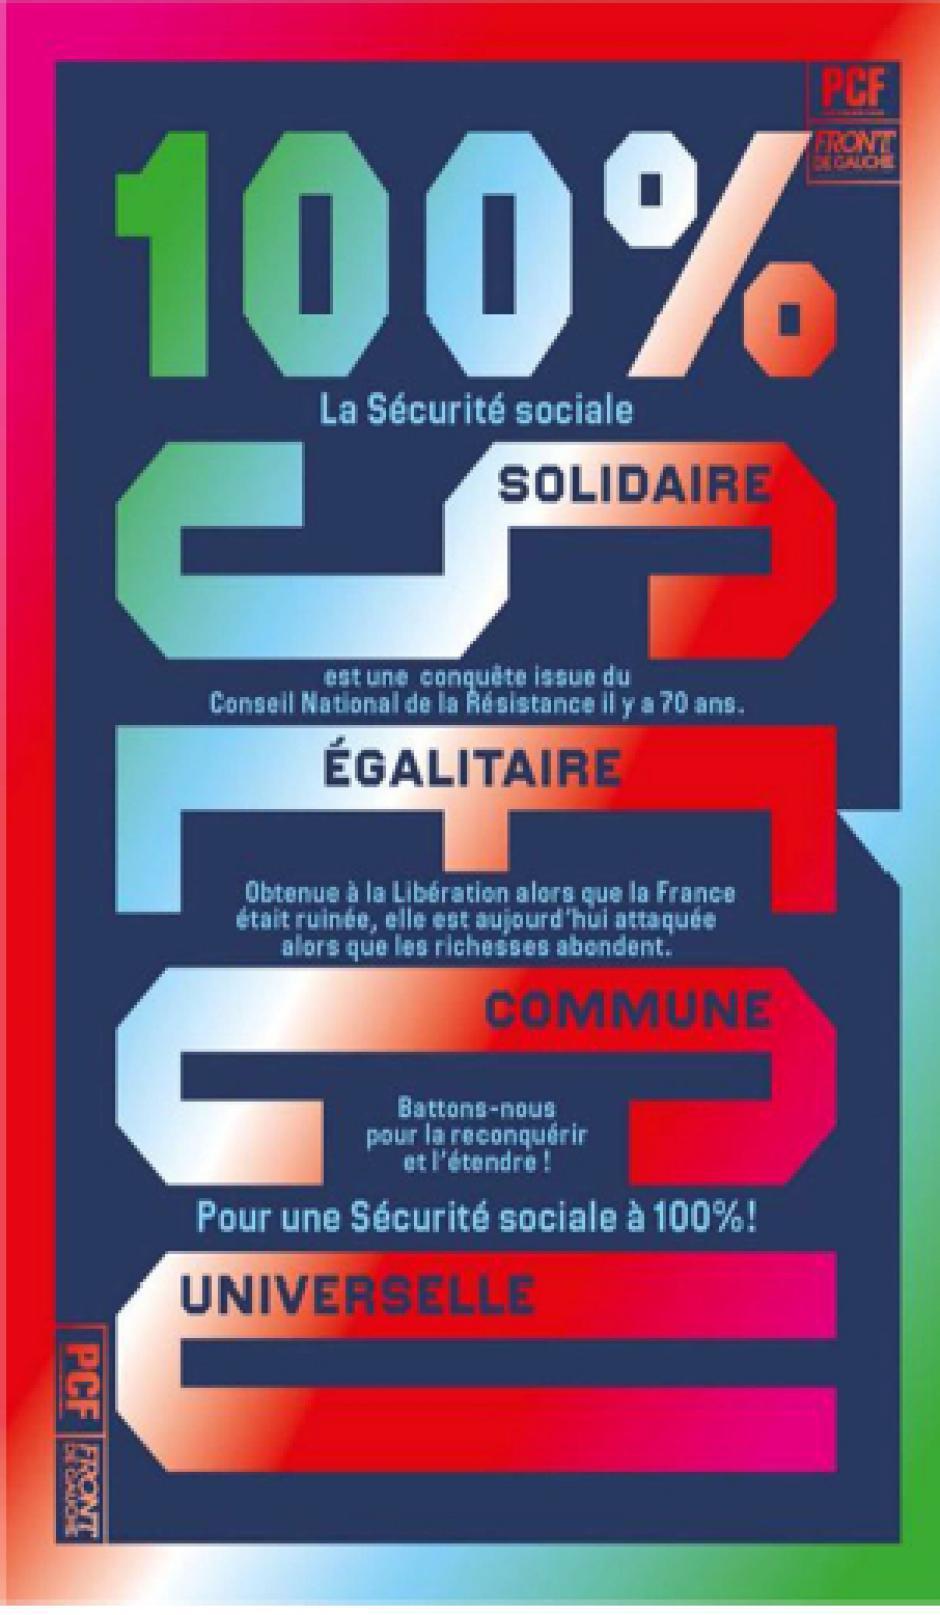 Réunion publique sur la protection sociale solidaire